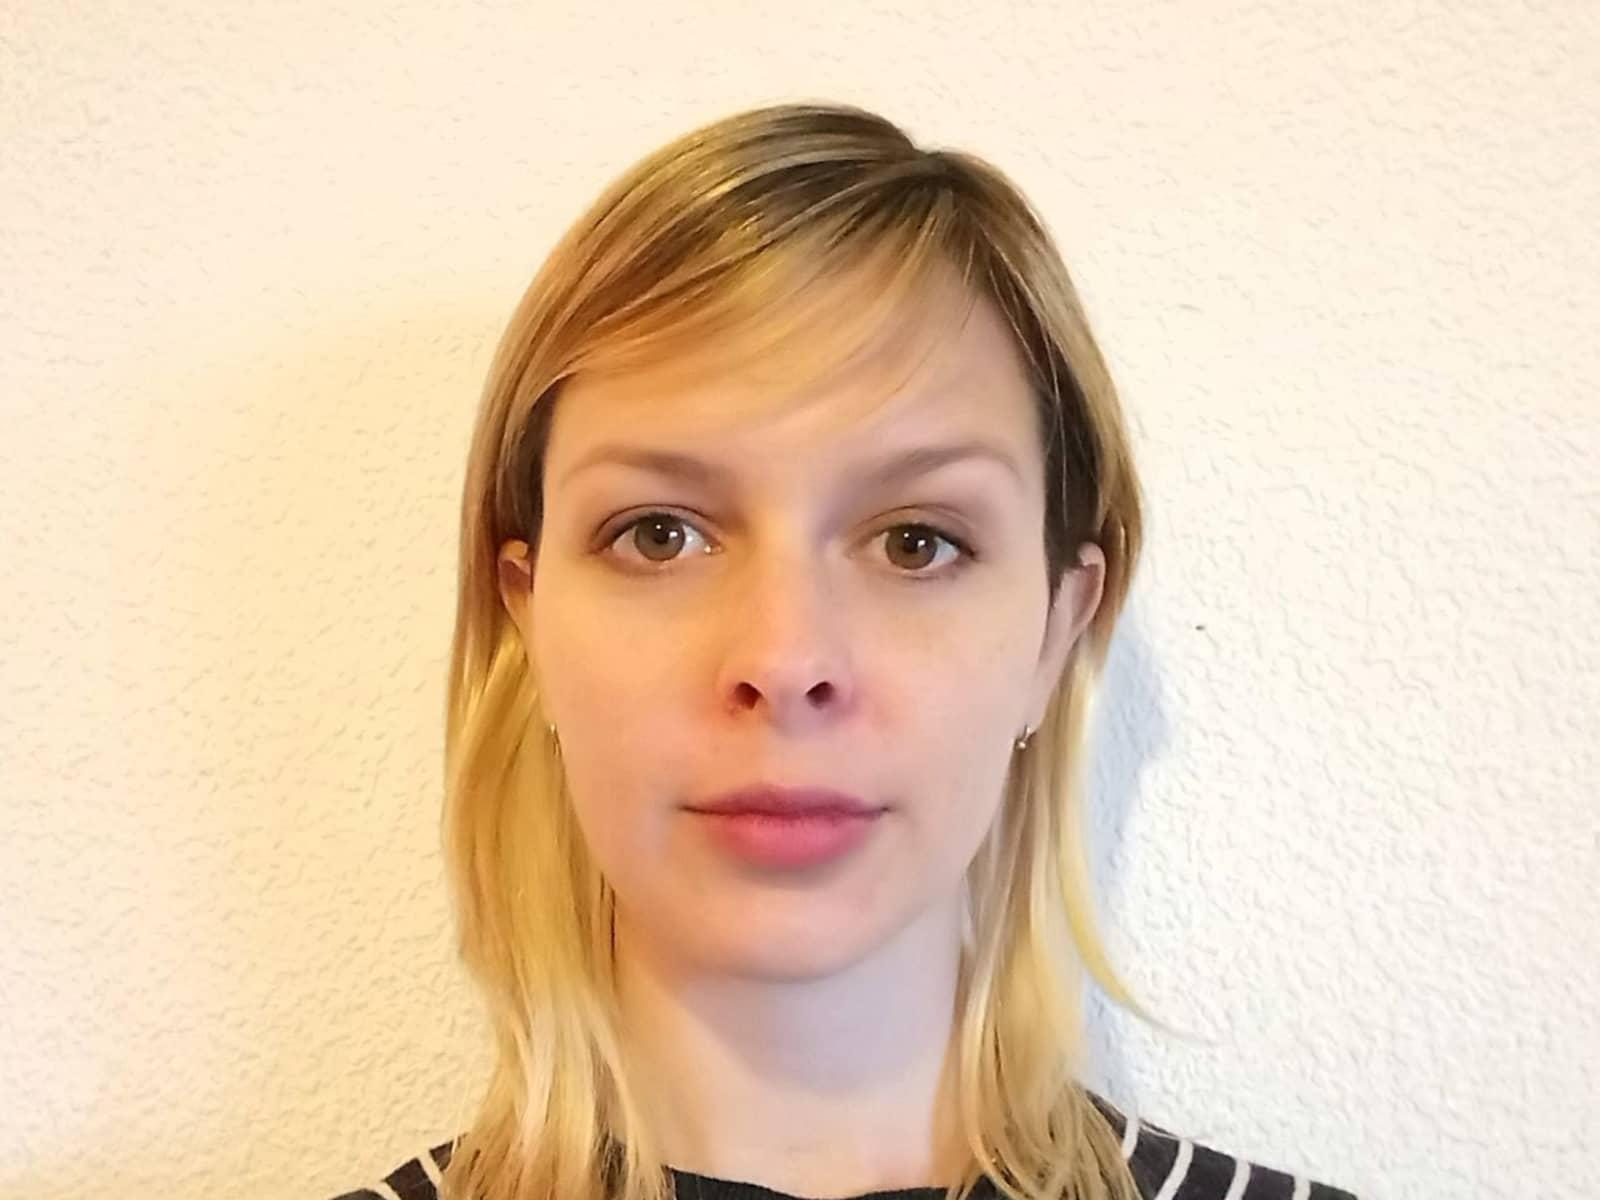 Nadine from Barcelona, Spain